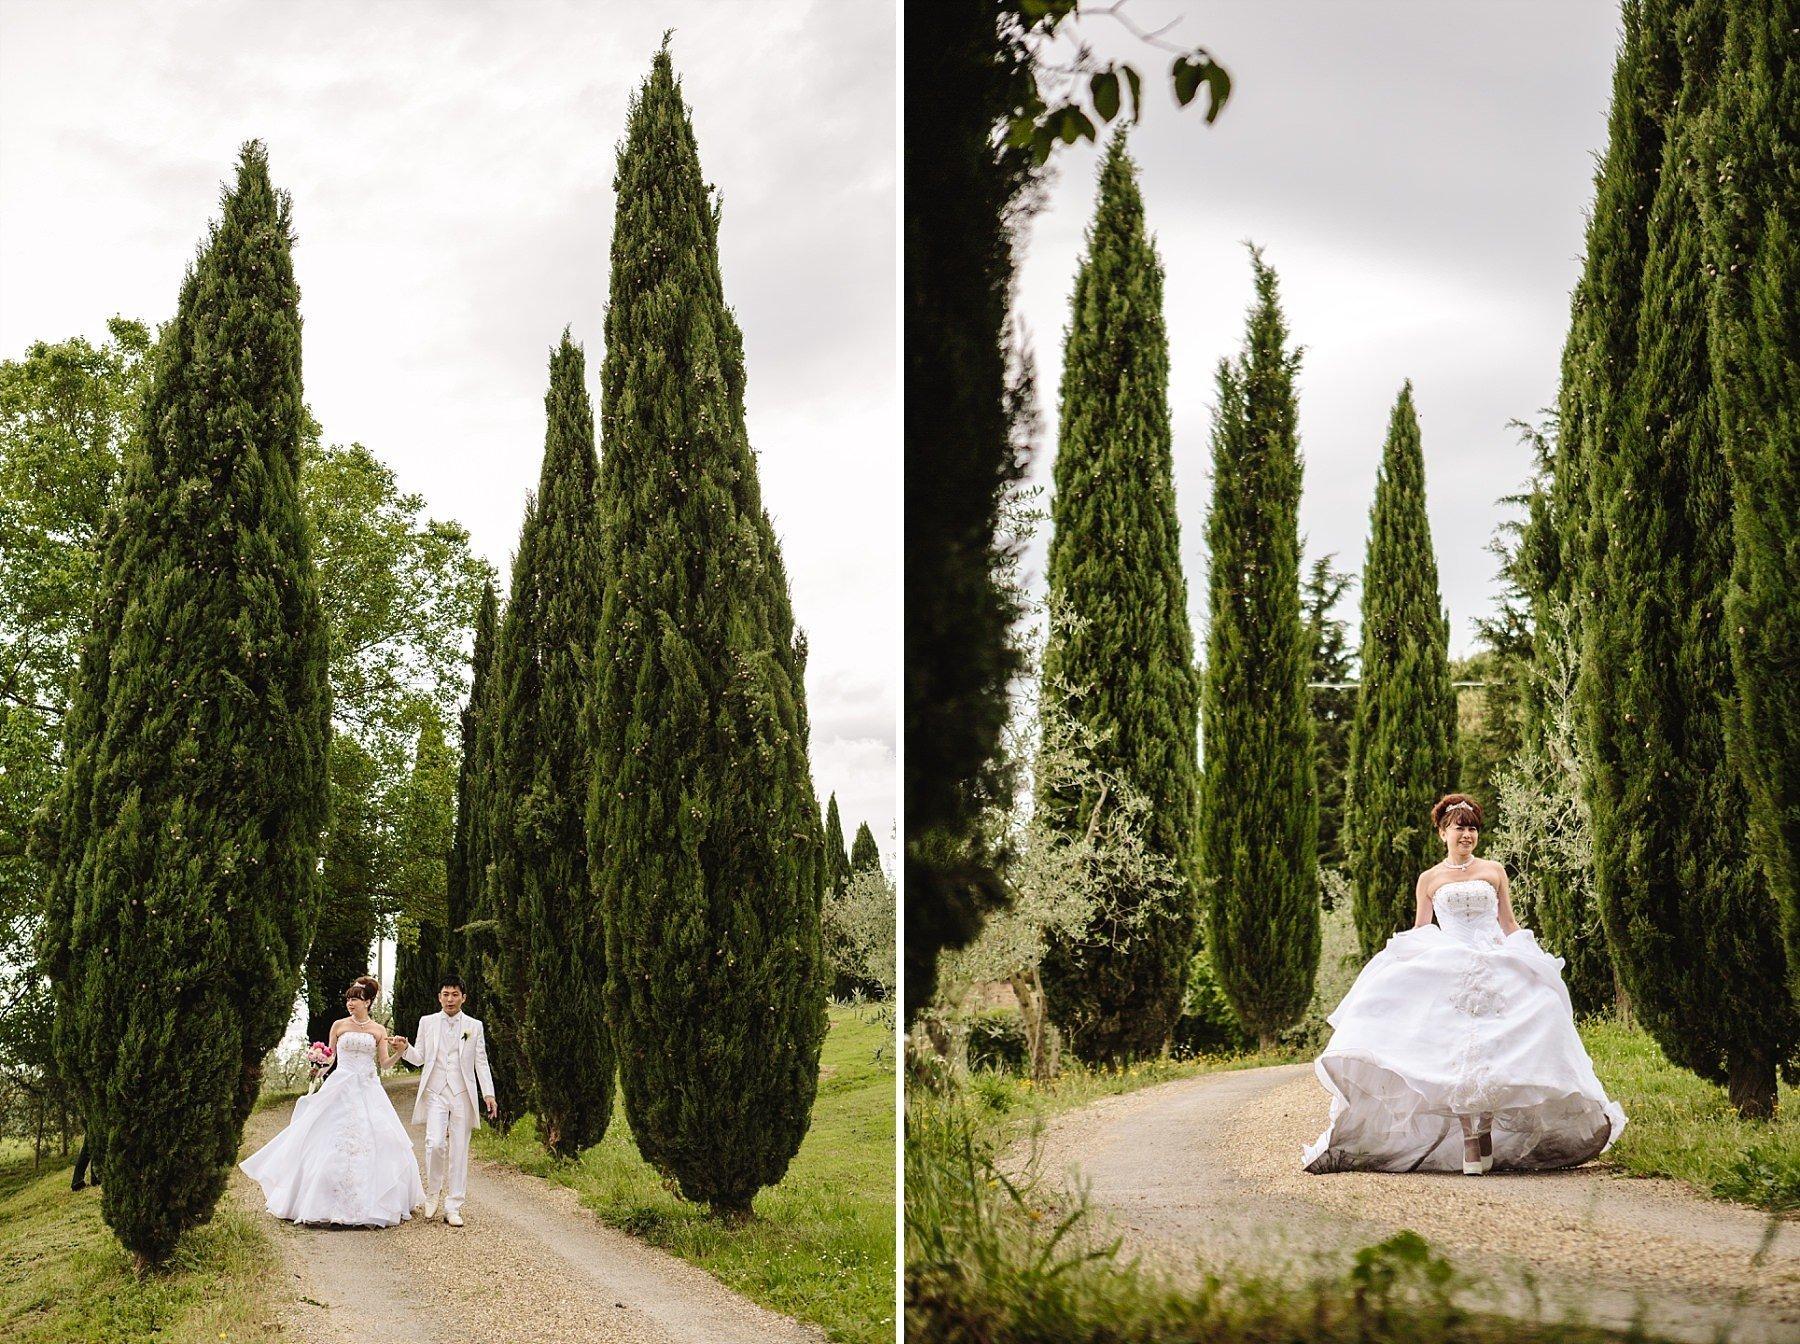 Fotografia di matrimonio con sposi e viale di cipressi tipico della toscana